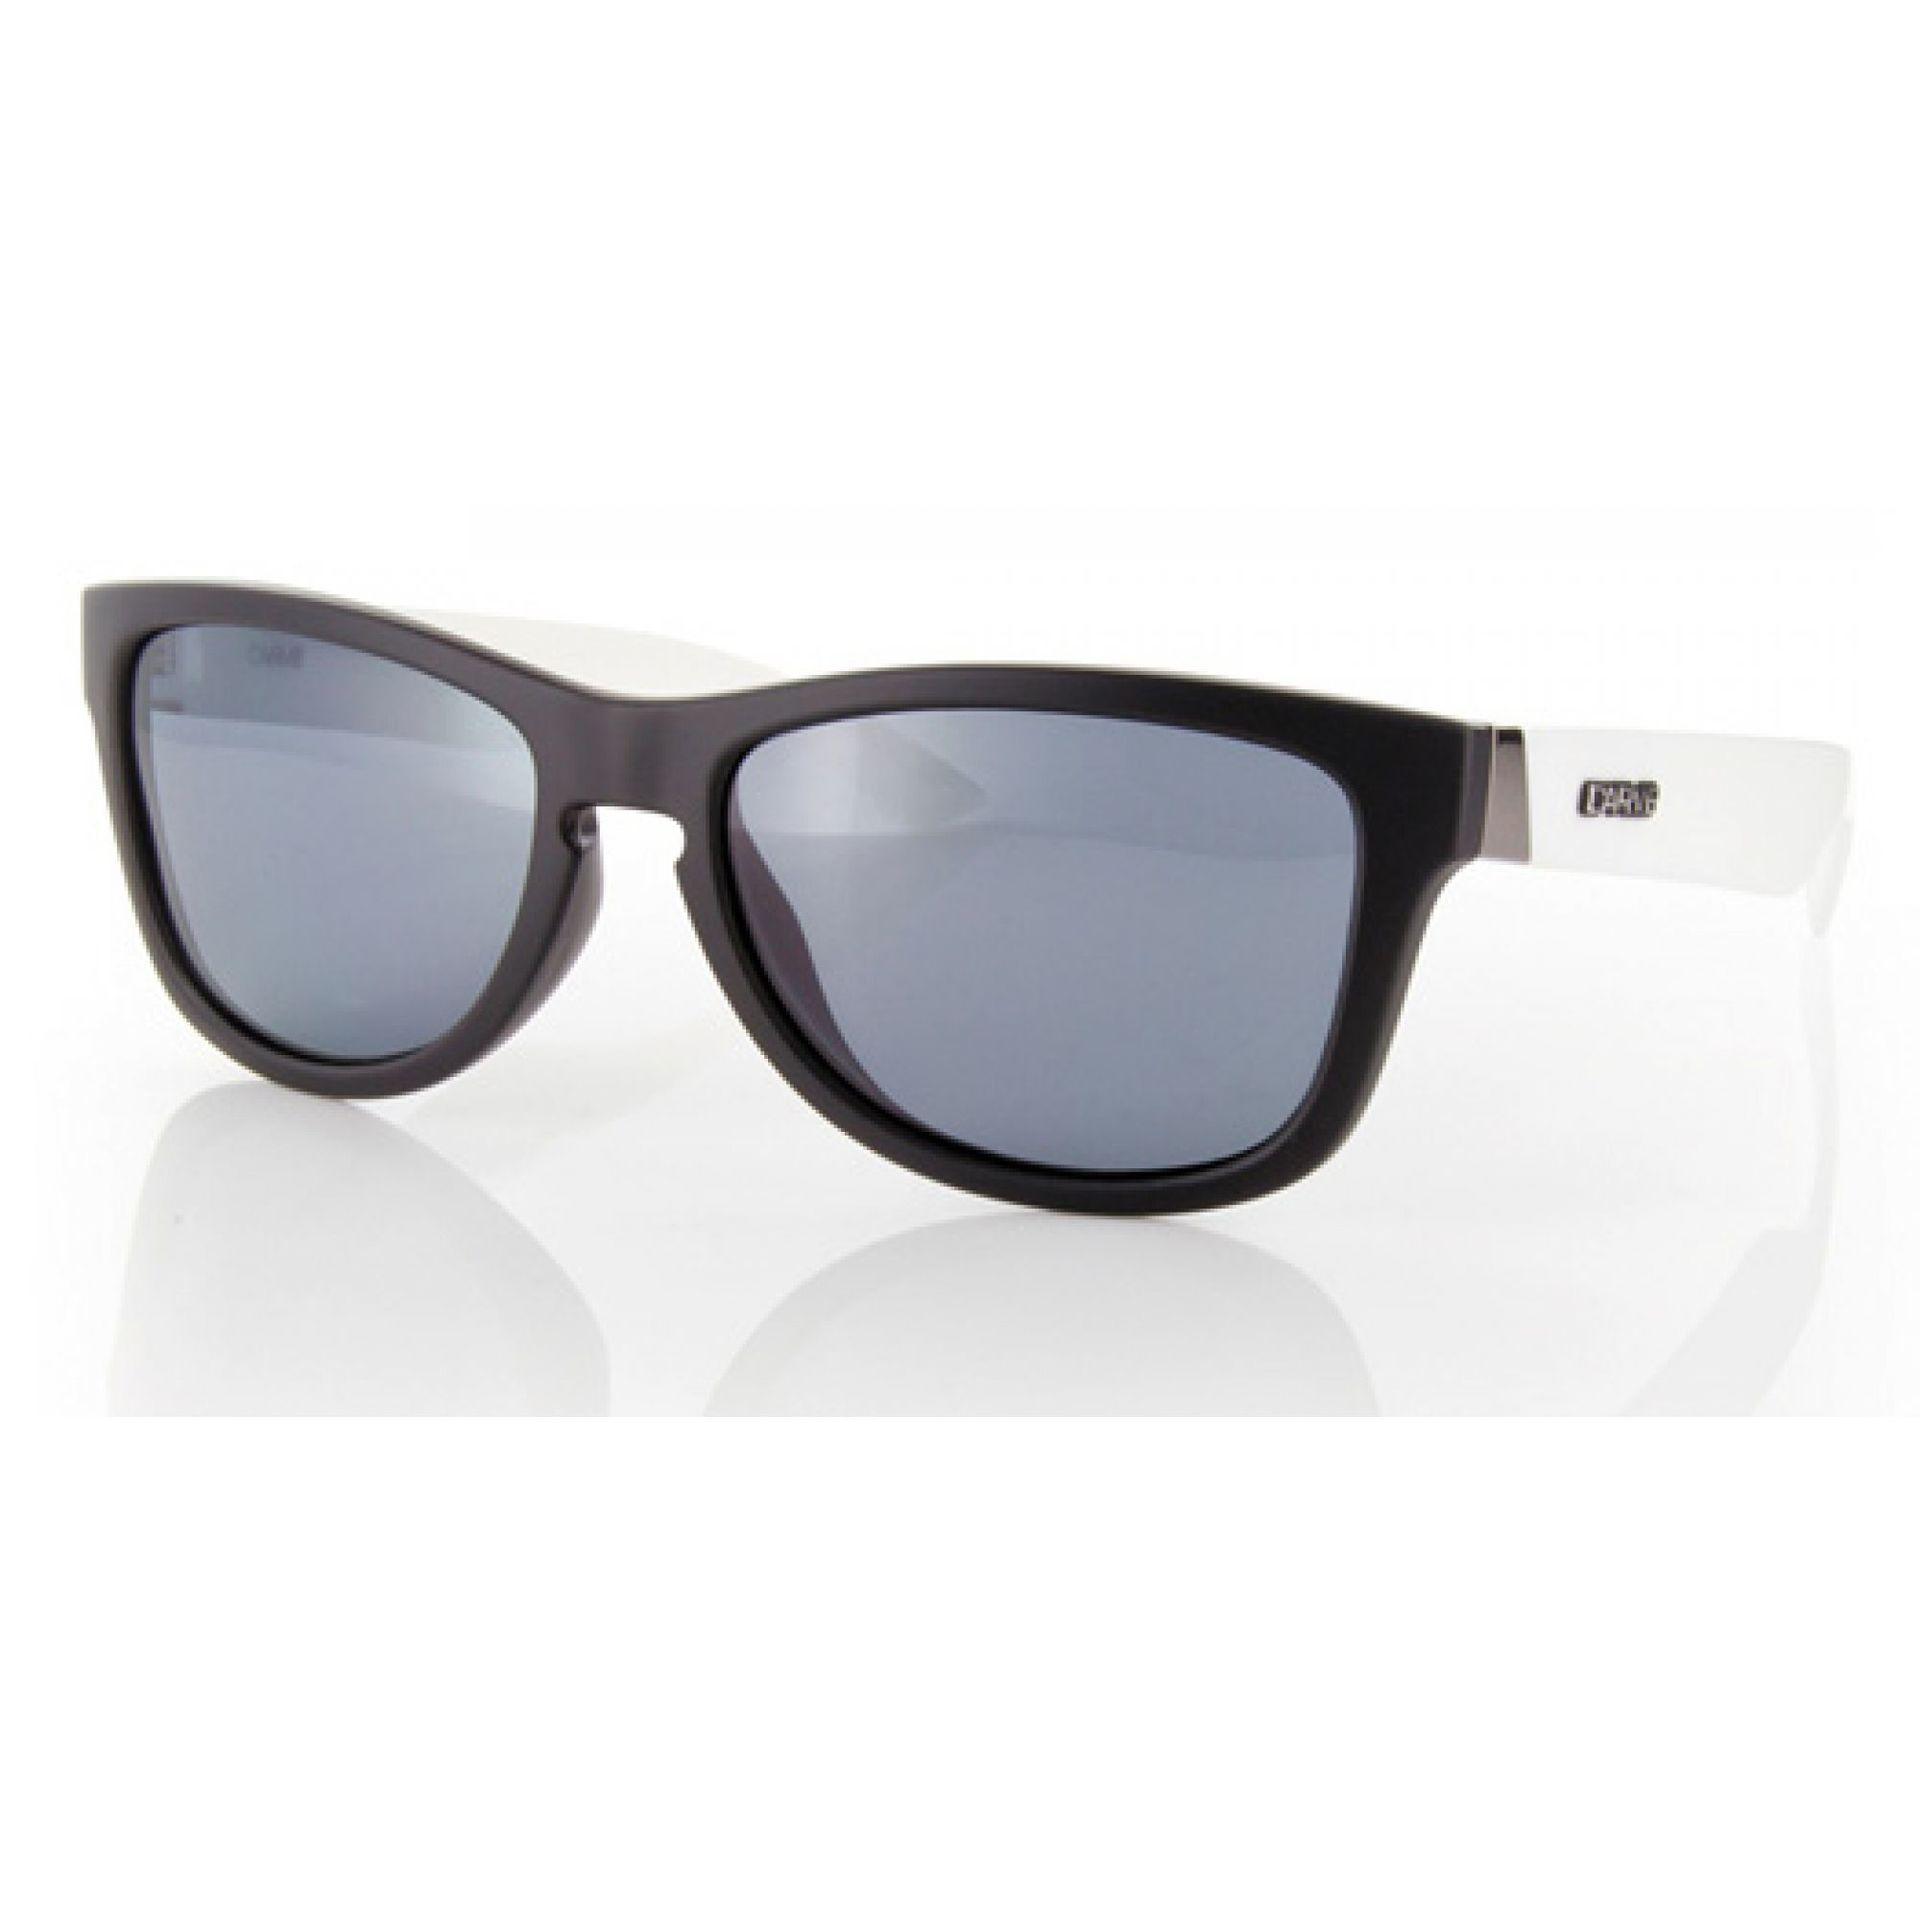 Okulary Carve One Step Beyond czarno białe